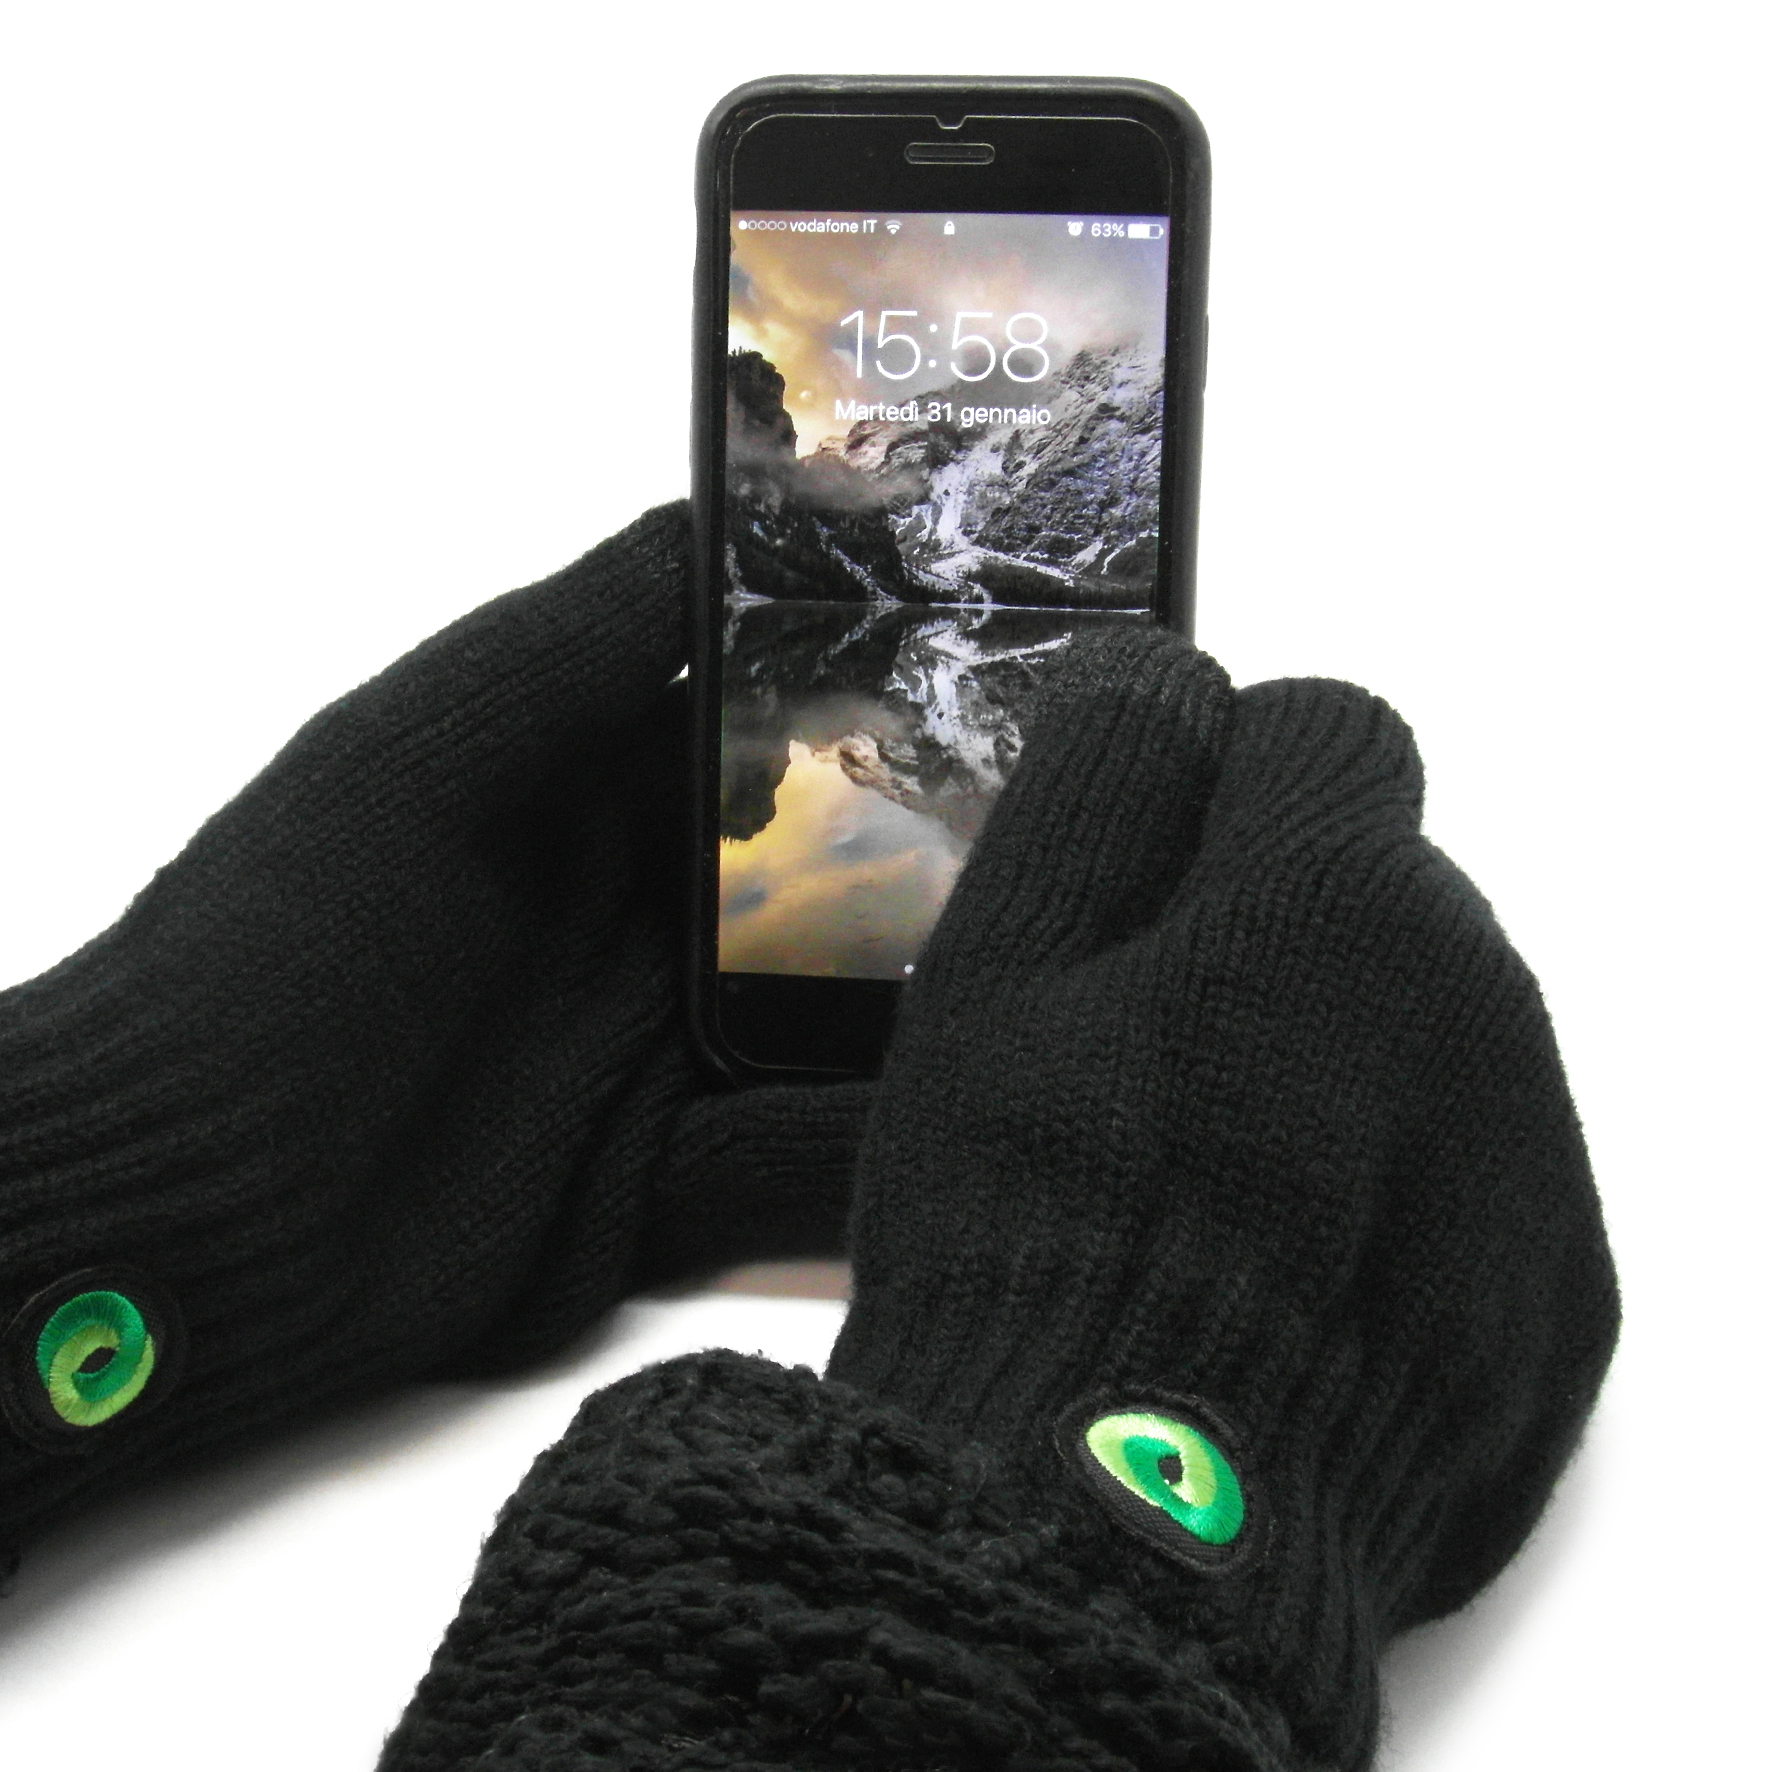 guanti-touchscreen-doubleclick-google